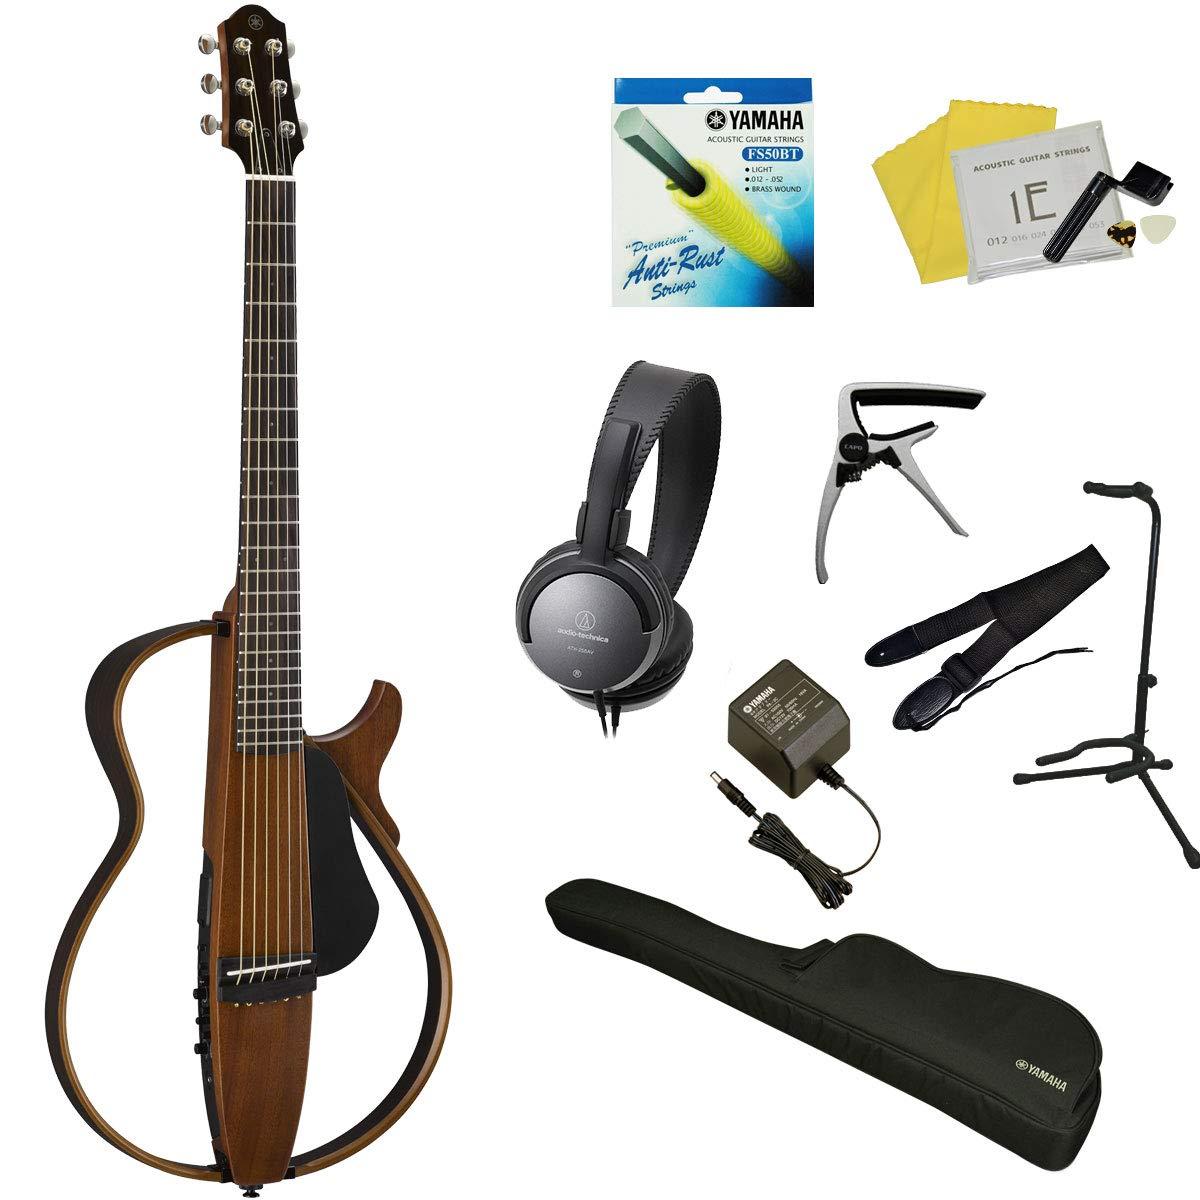 【スタート12点セット!!】 YAMAHA / SLG200S NT ヤマハ サイレントギター アコースティックギター スチール弦仕様   B07KN9X87G